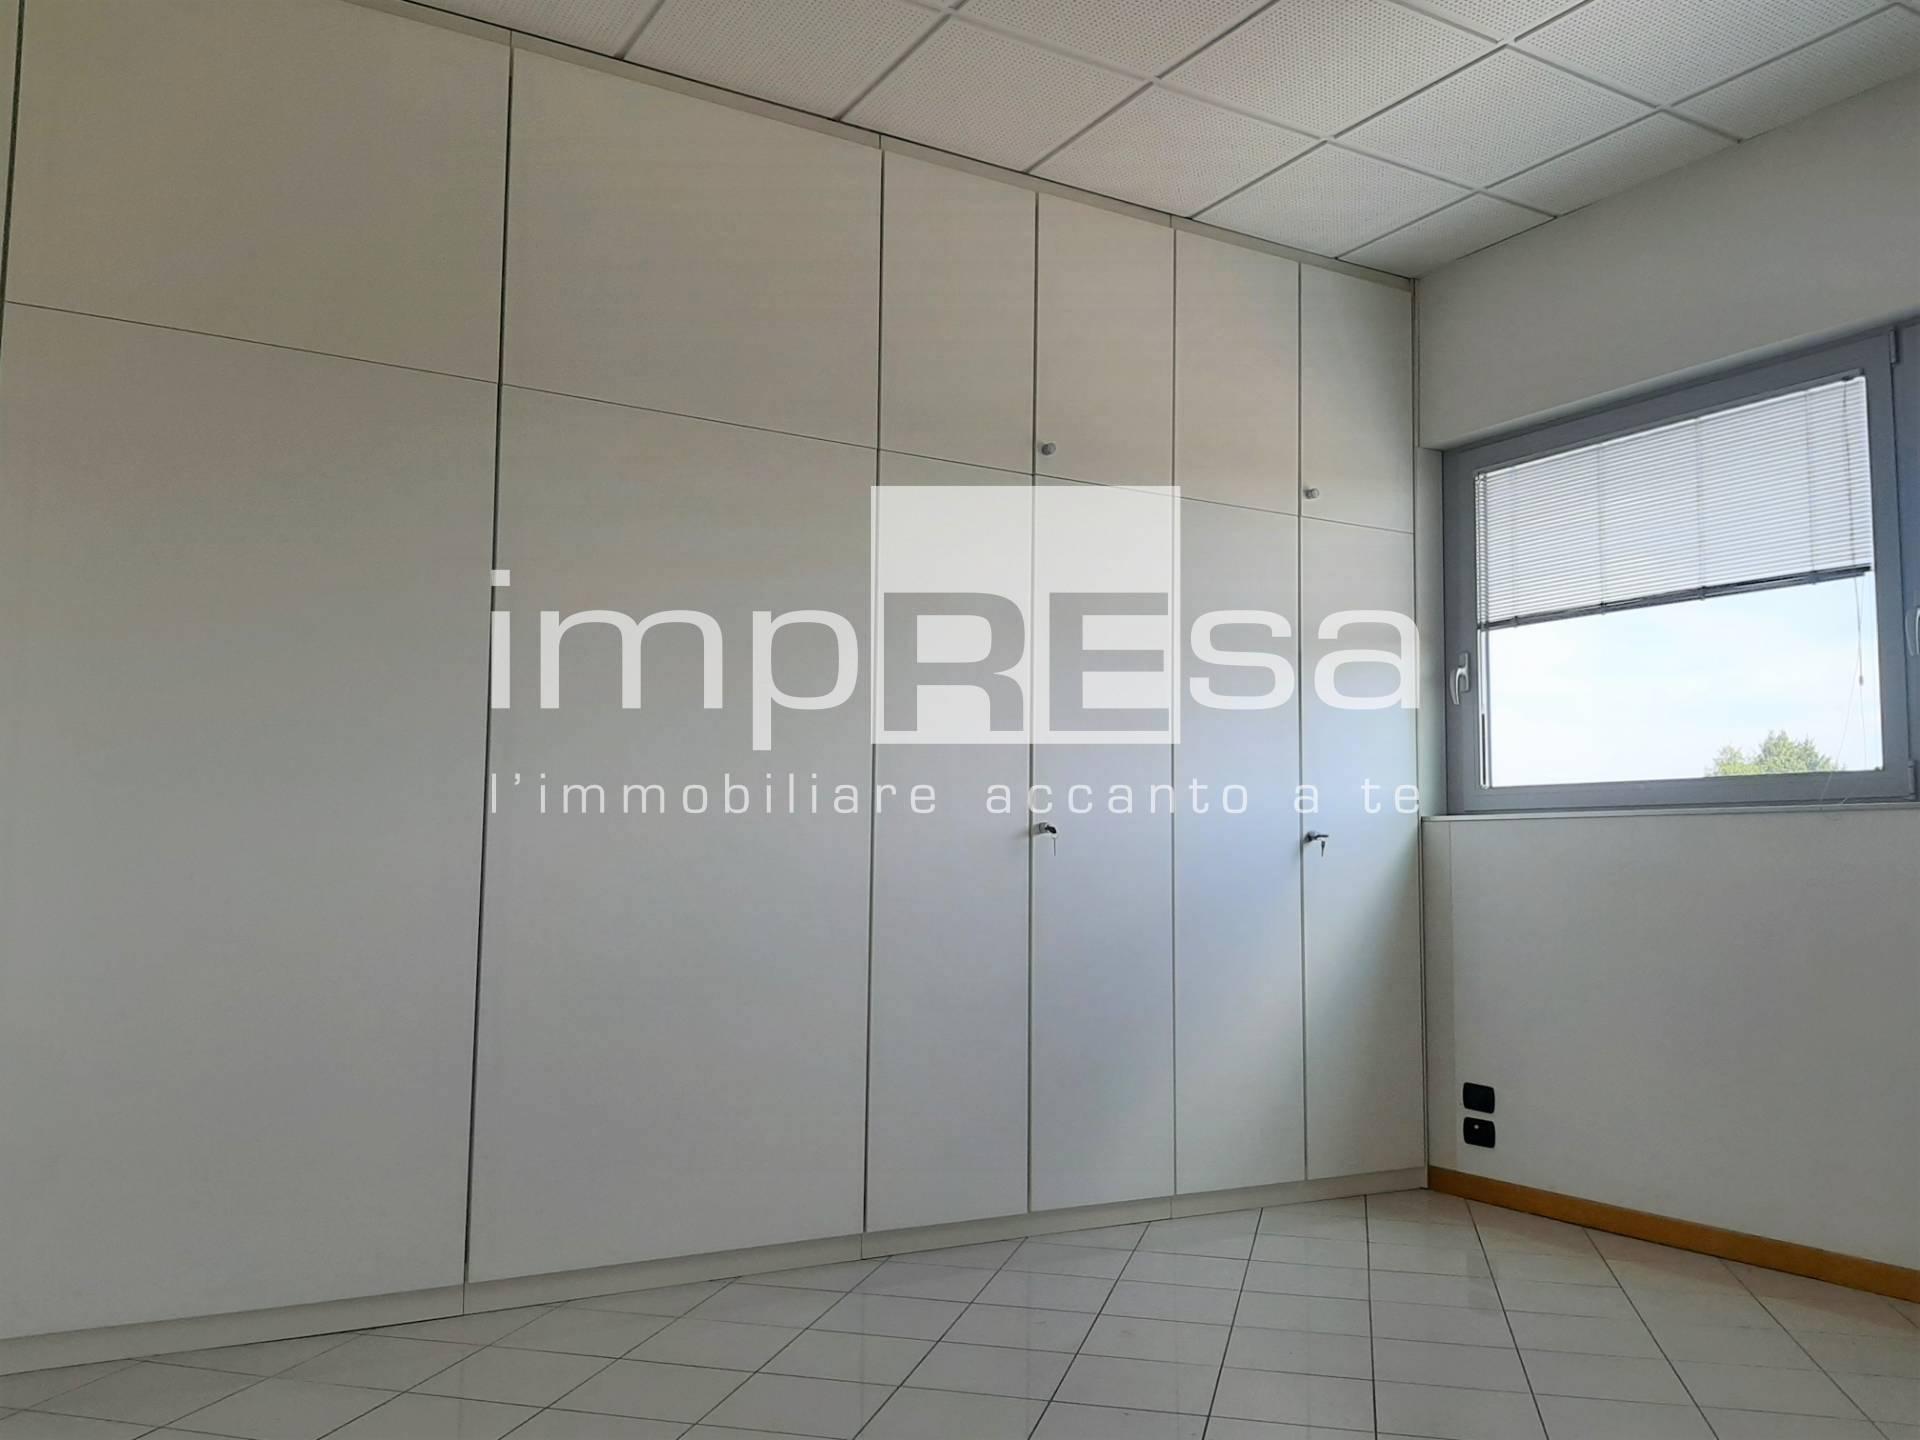 Ufficio / Studio in affitto a Treviso, 9999 locali, zona Zona: S.Giuseppe, prezzo € 750 | CambioCasa.it